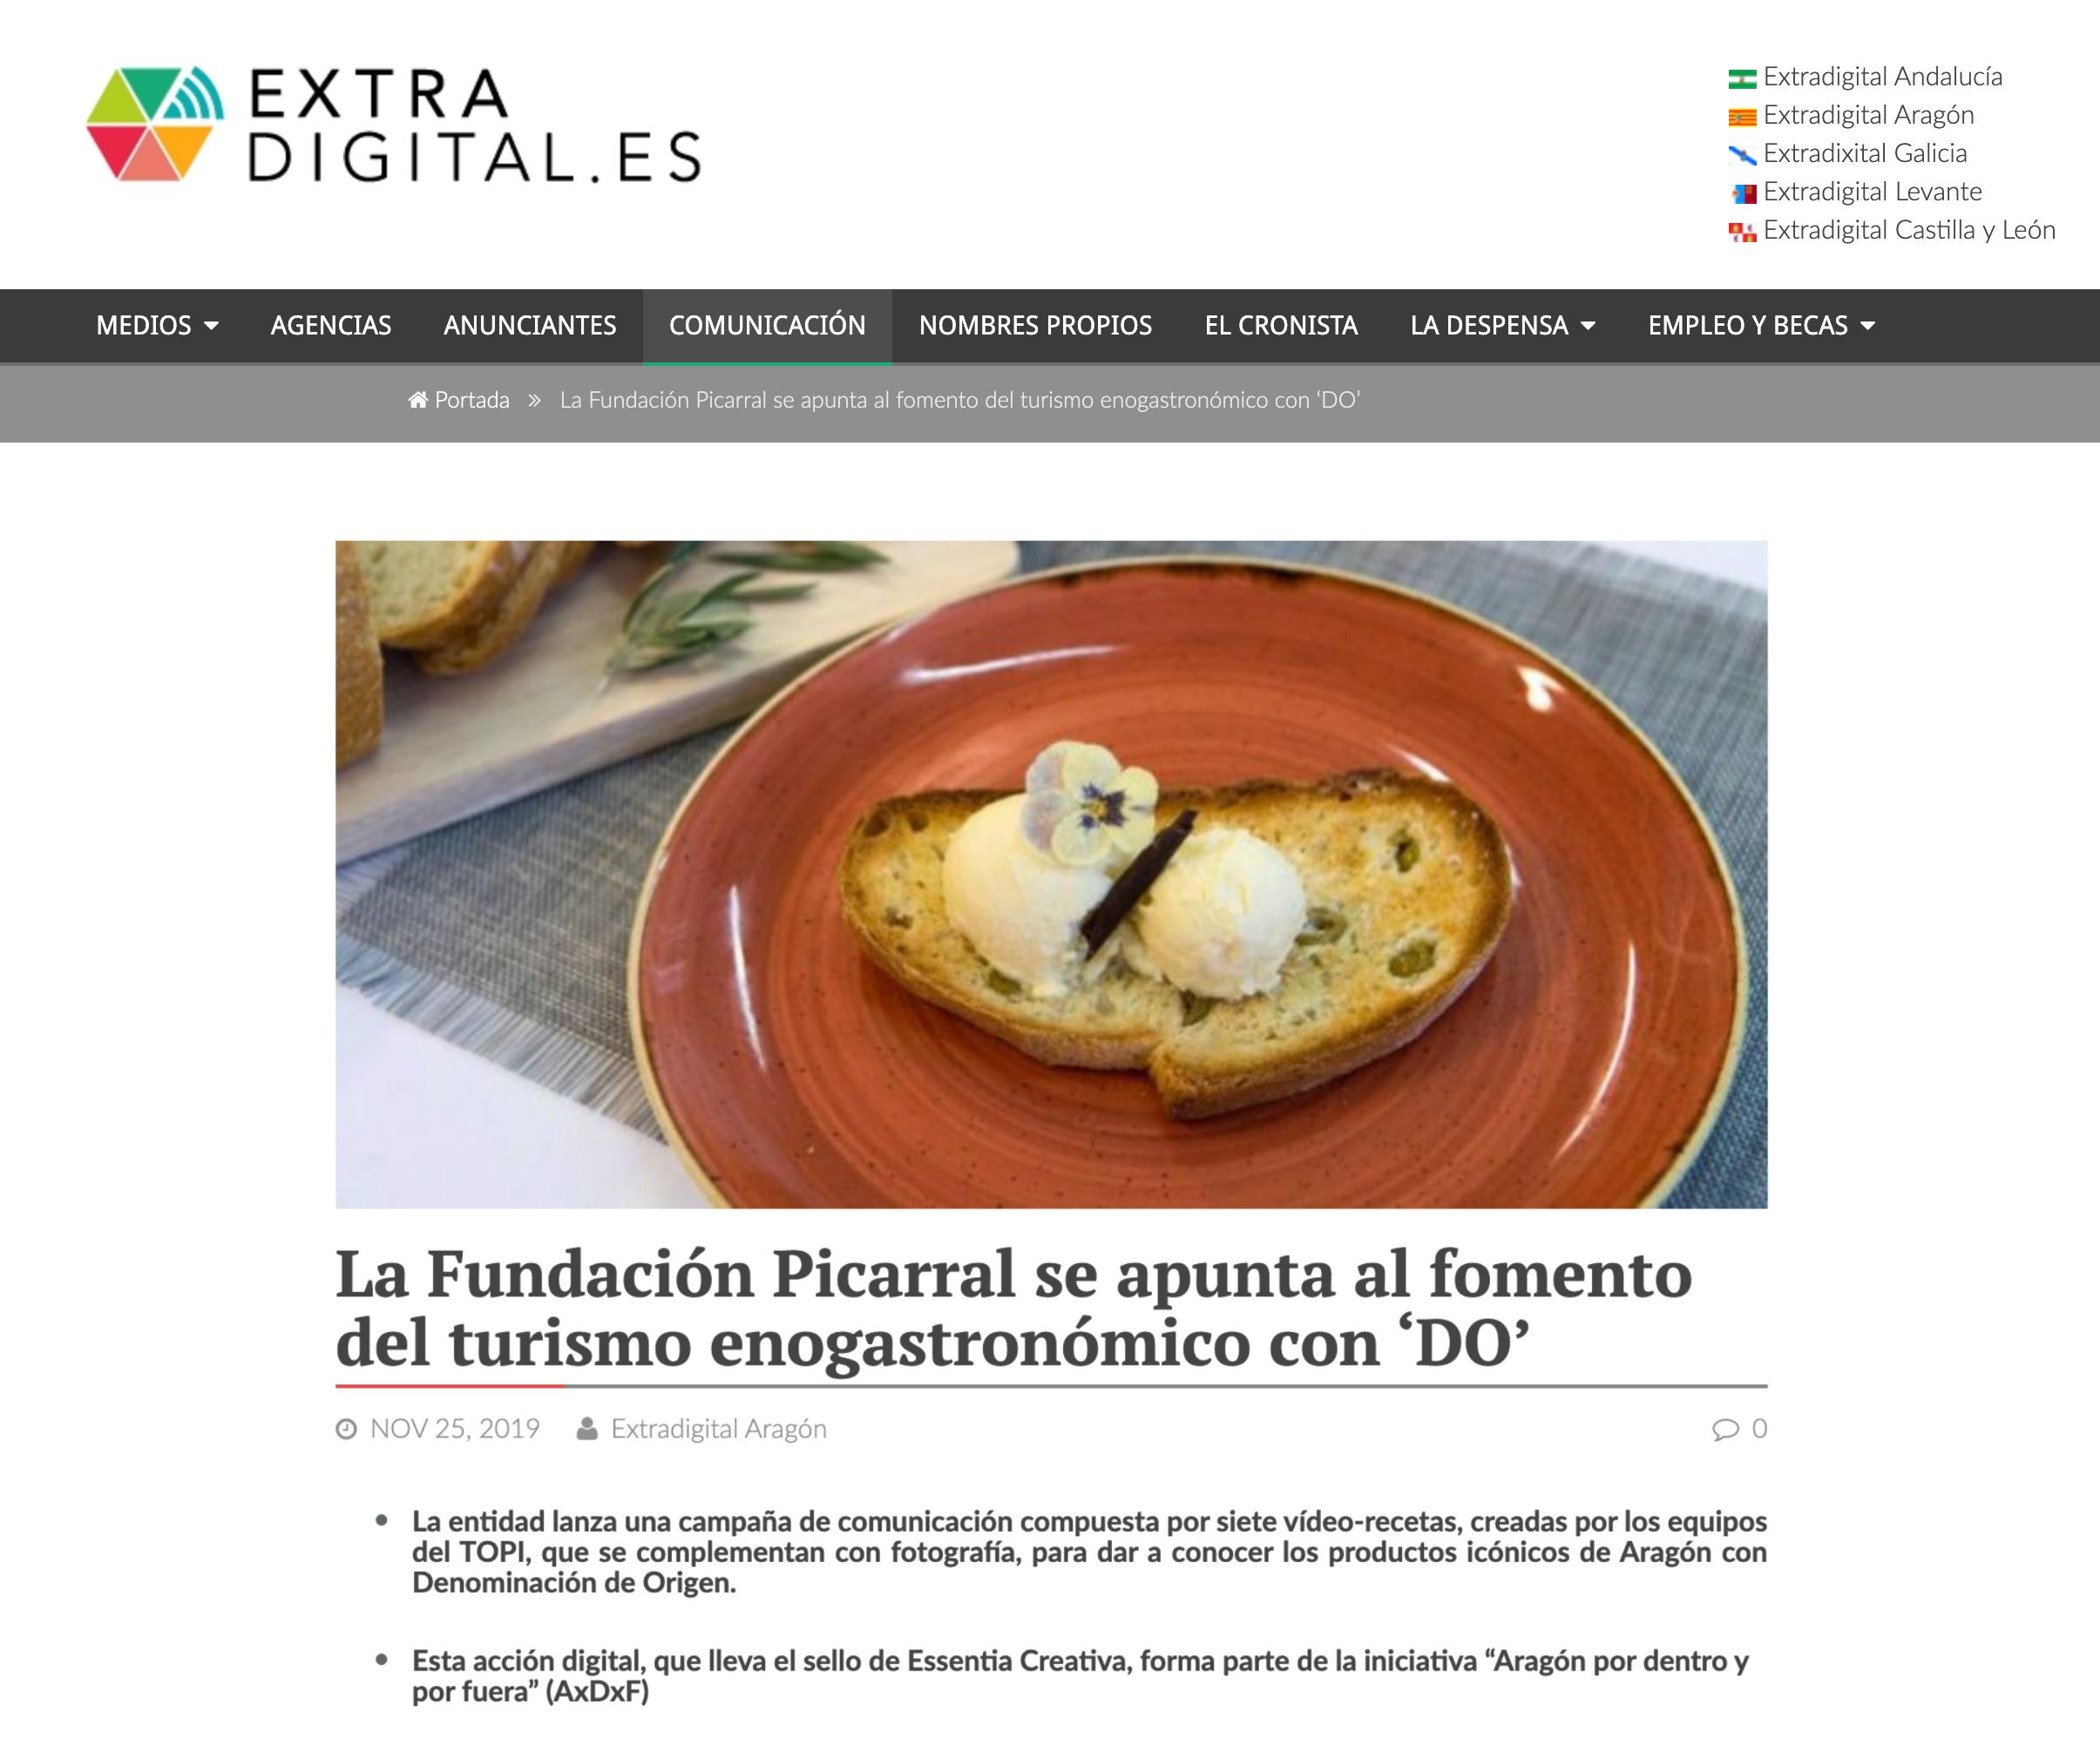 ExtraDigital: «La Fundación Picarral se apunta al fomento del turismo enogastronómico con 'DO' «